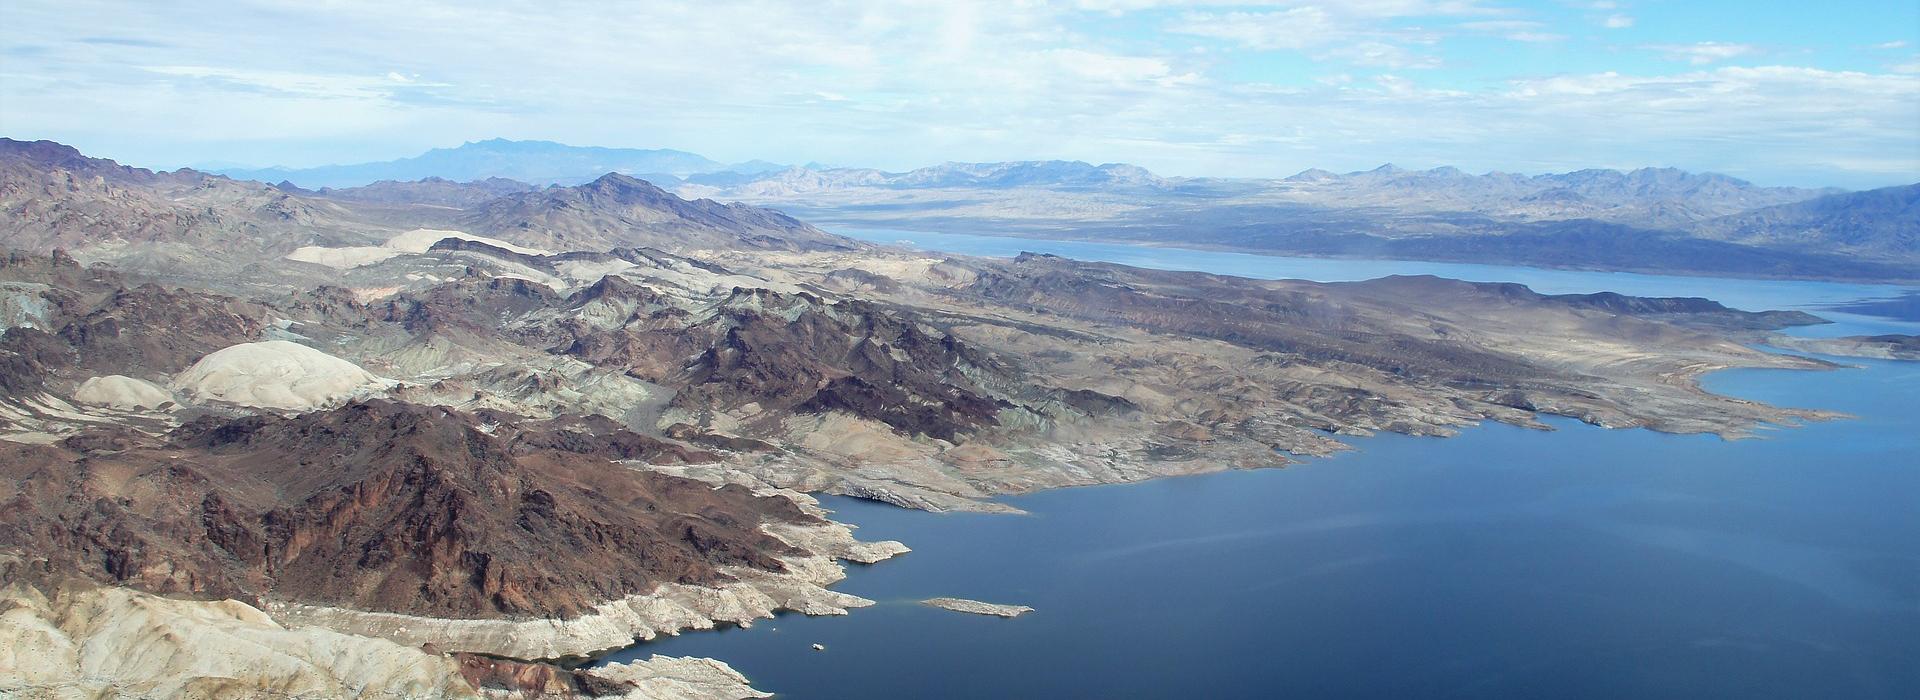 Lake Mead in Arizona